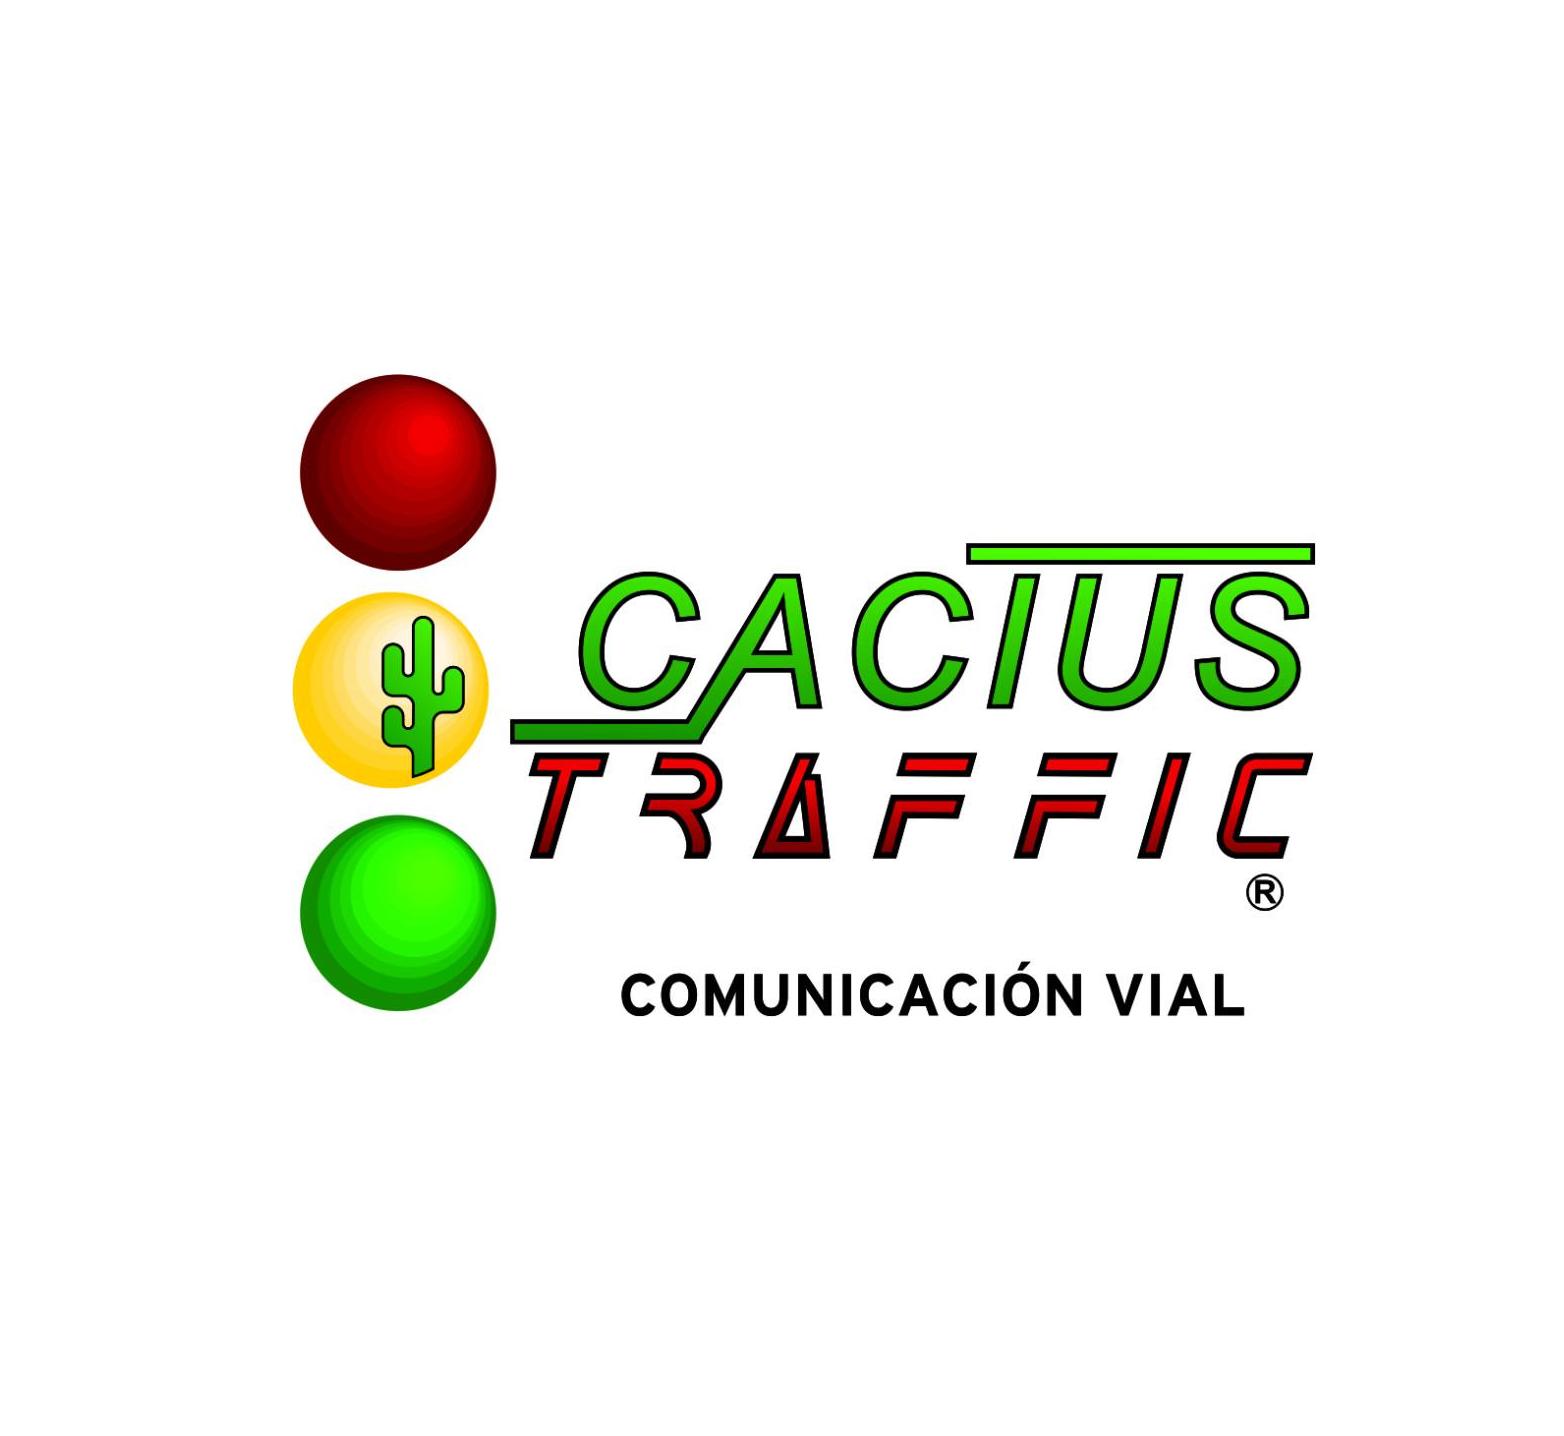 10-Cactus traffic